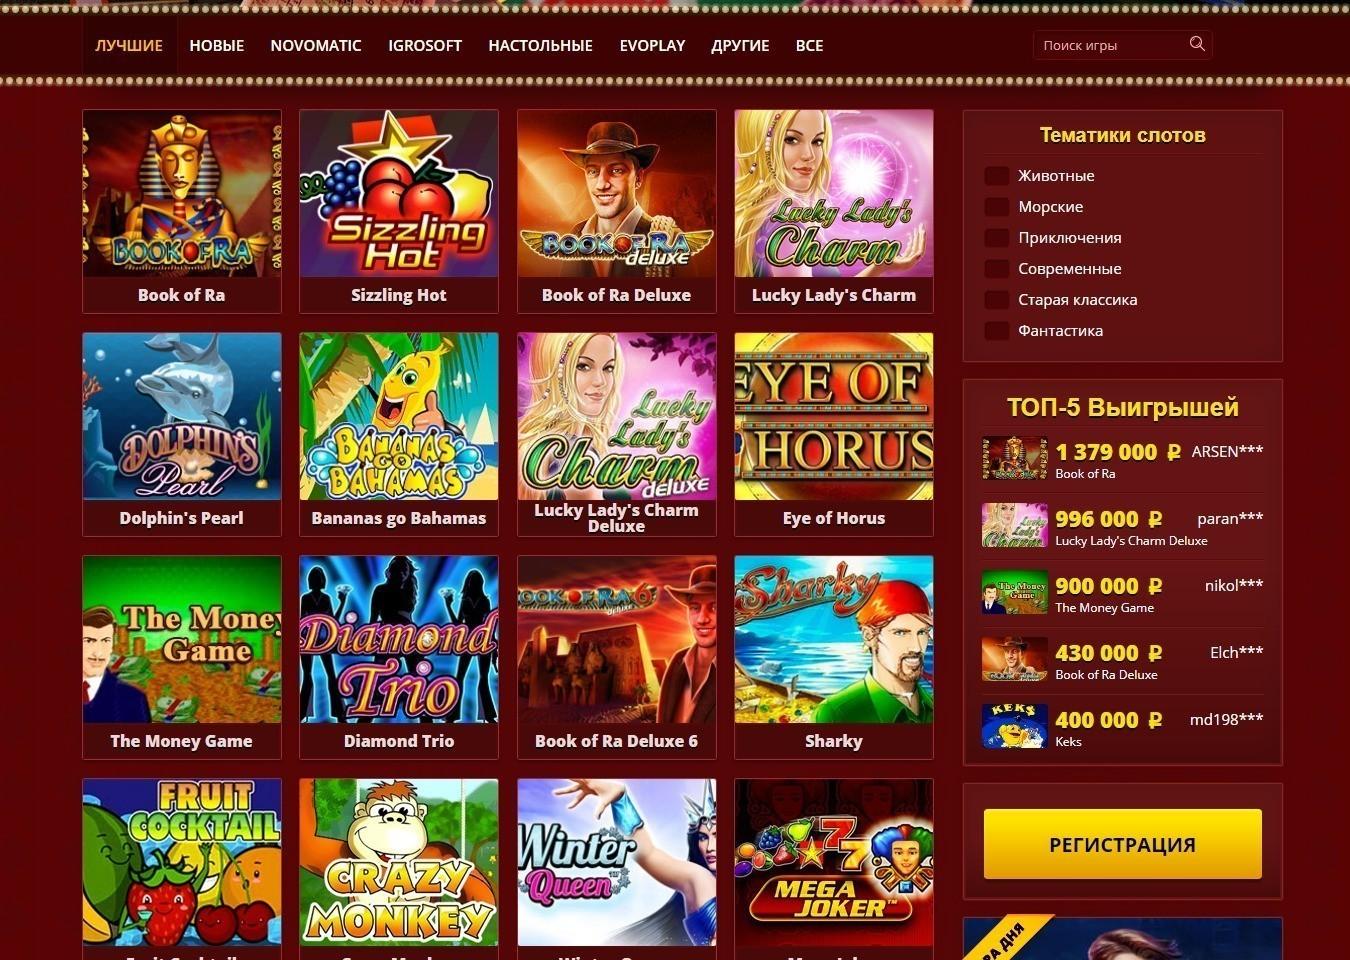 официальный сайт максбет слотс казино зеркало